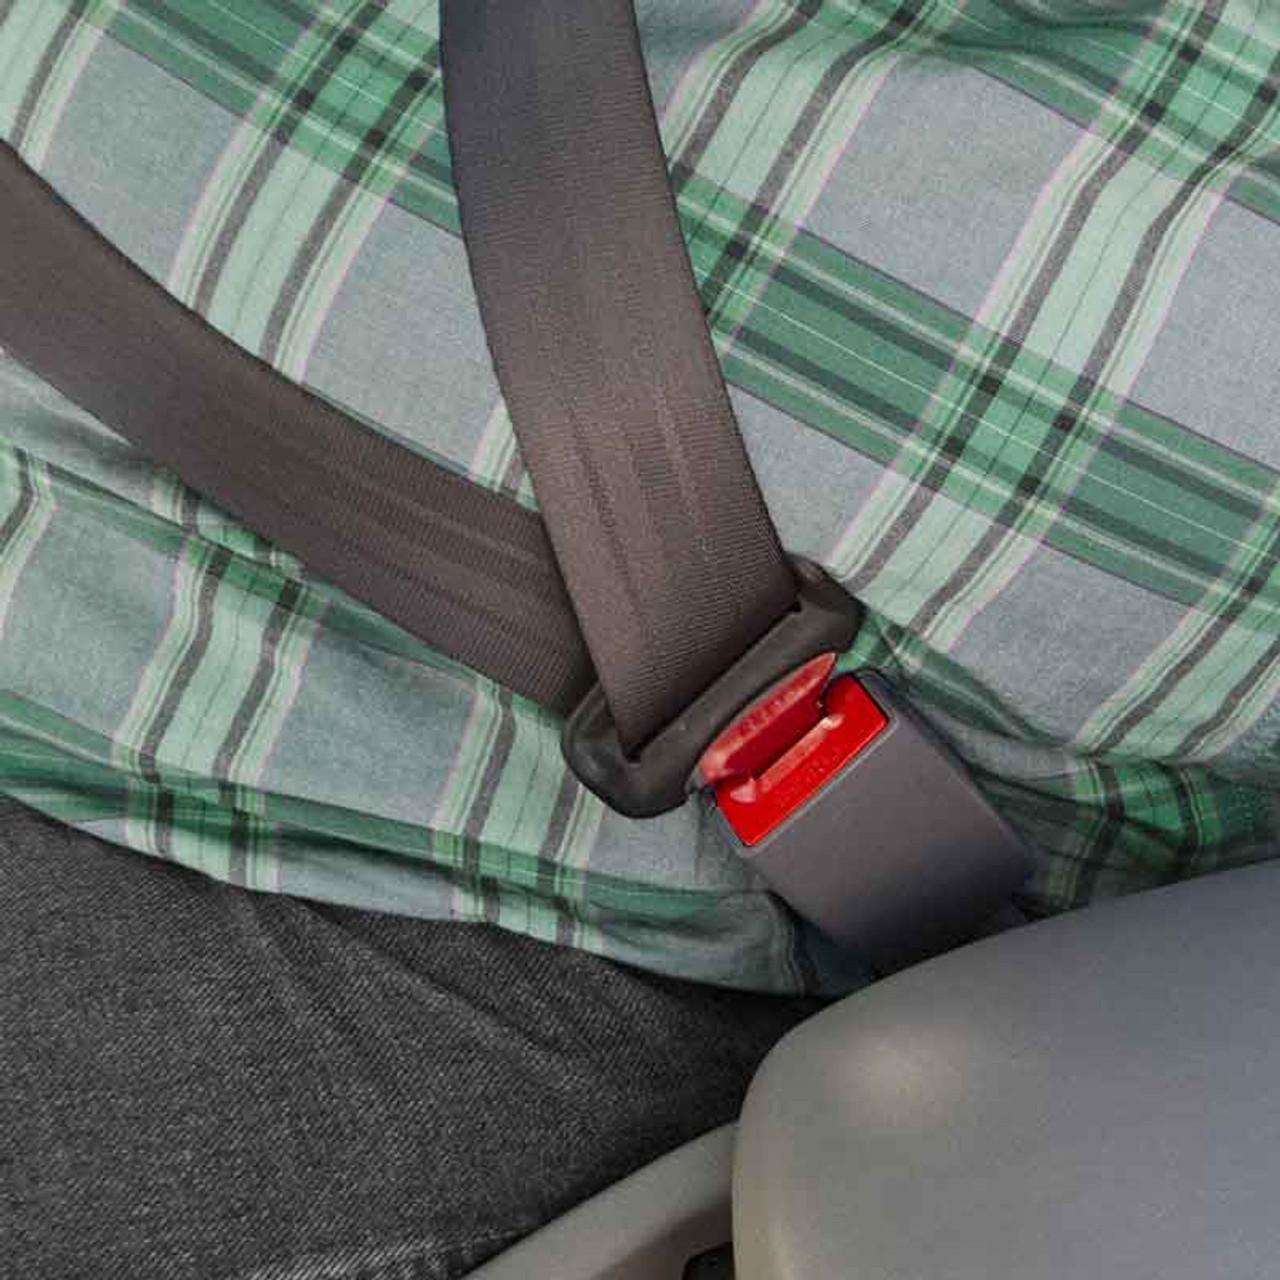 E4 Safe Car Seat Belt Extender for 2004 Dodge Caravan Front Seats